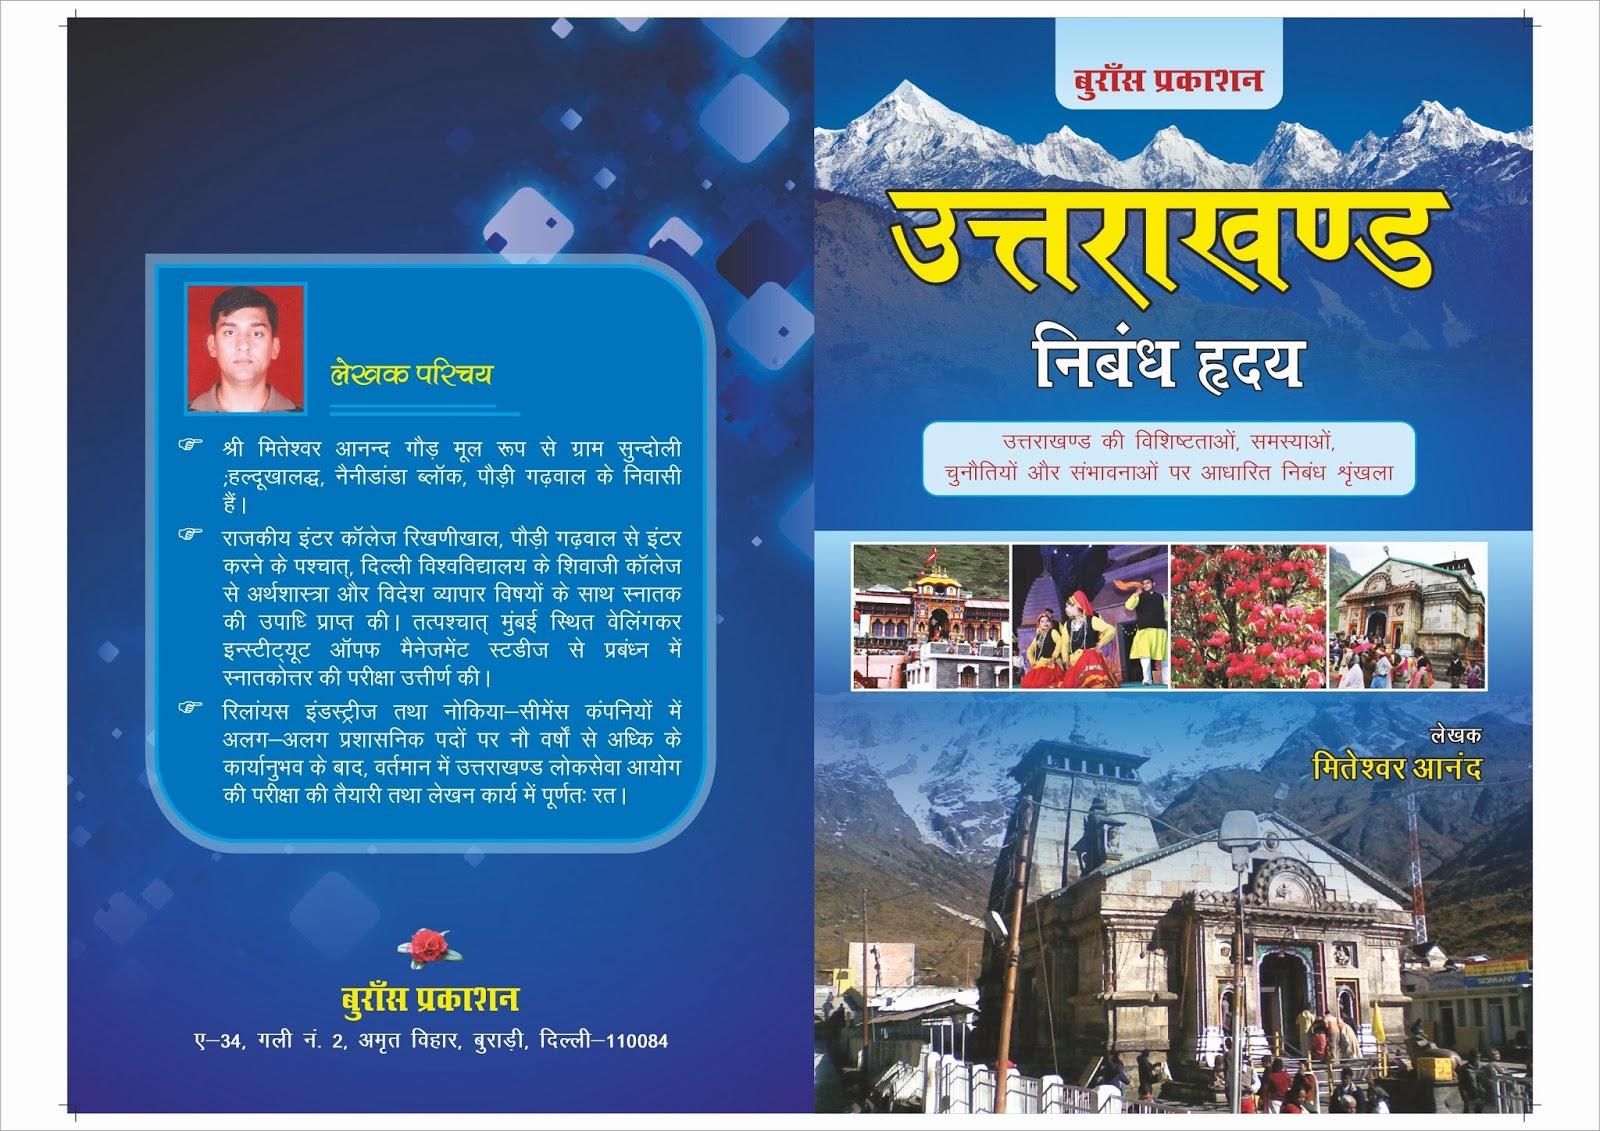 Haldukhal, Miteshwar Anand Gaur, nainidanda block, Pauri, Sundauli, Uttarakhand Essays, Uttarakhand Nibandha Hridaya,